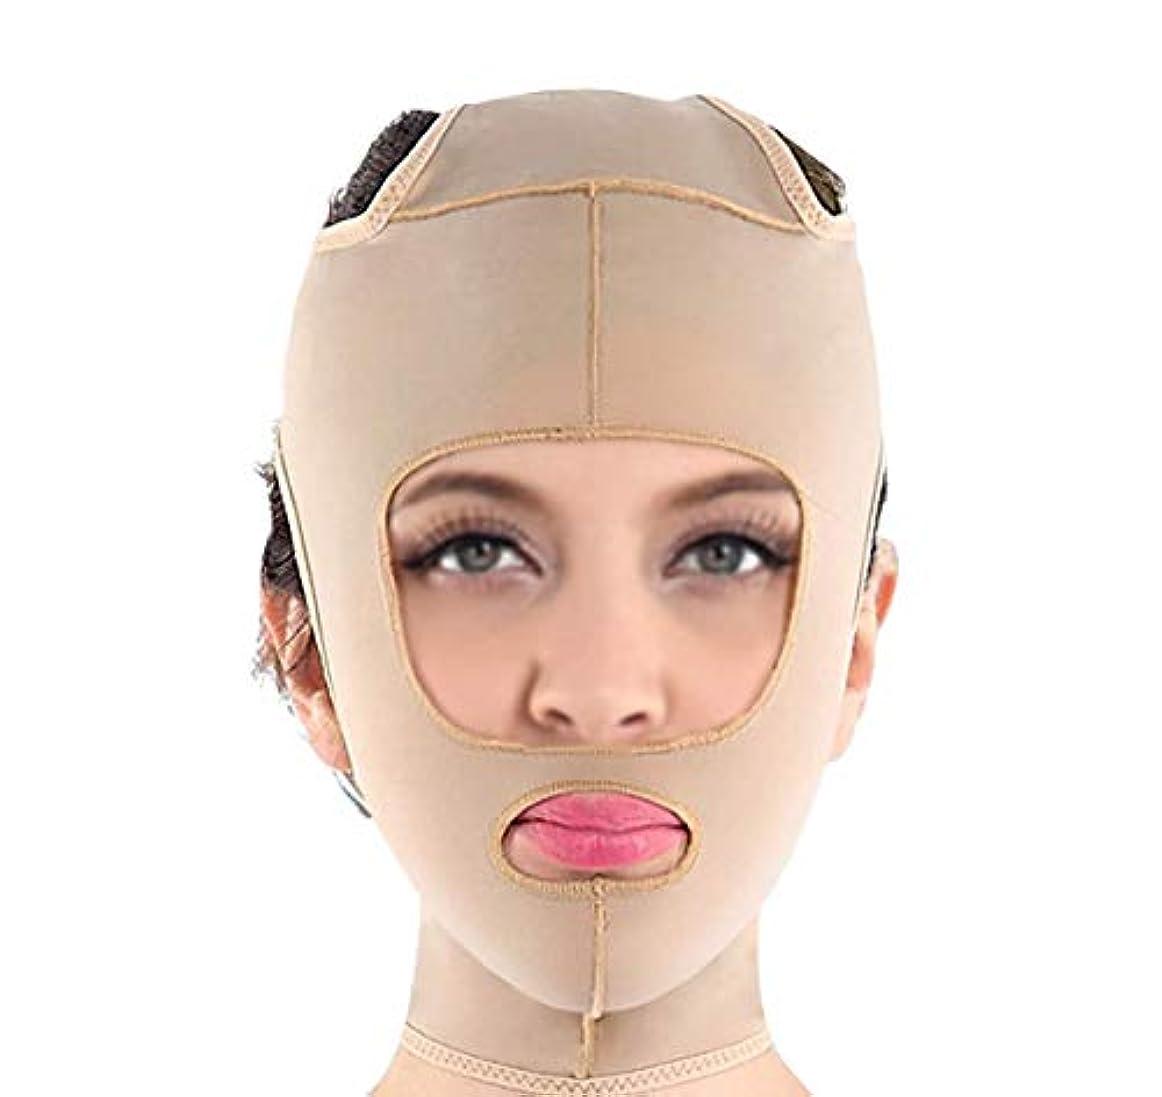 哺乳類応答プレートフェイスリフティングマスクで肌をよりしっかりと保ち、V字型の顔を形作り、超薄型の通気性、調節可能で快適な着用感(サイズ:Xl),S